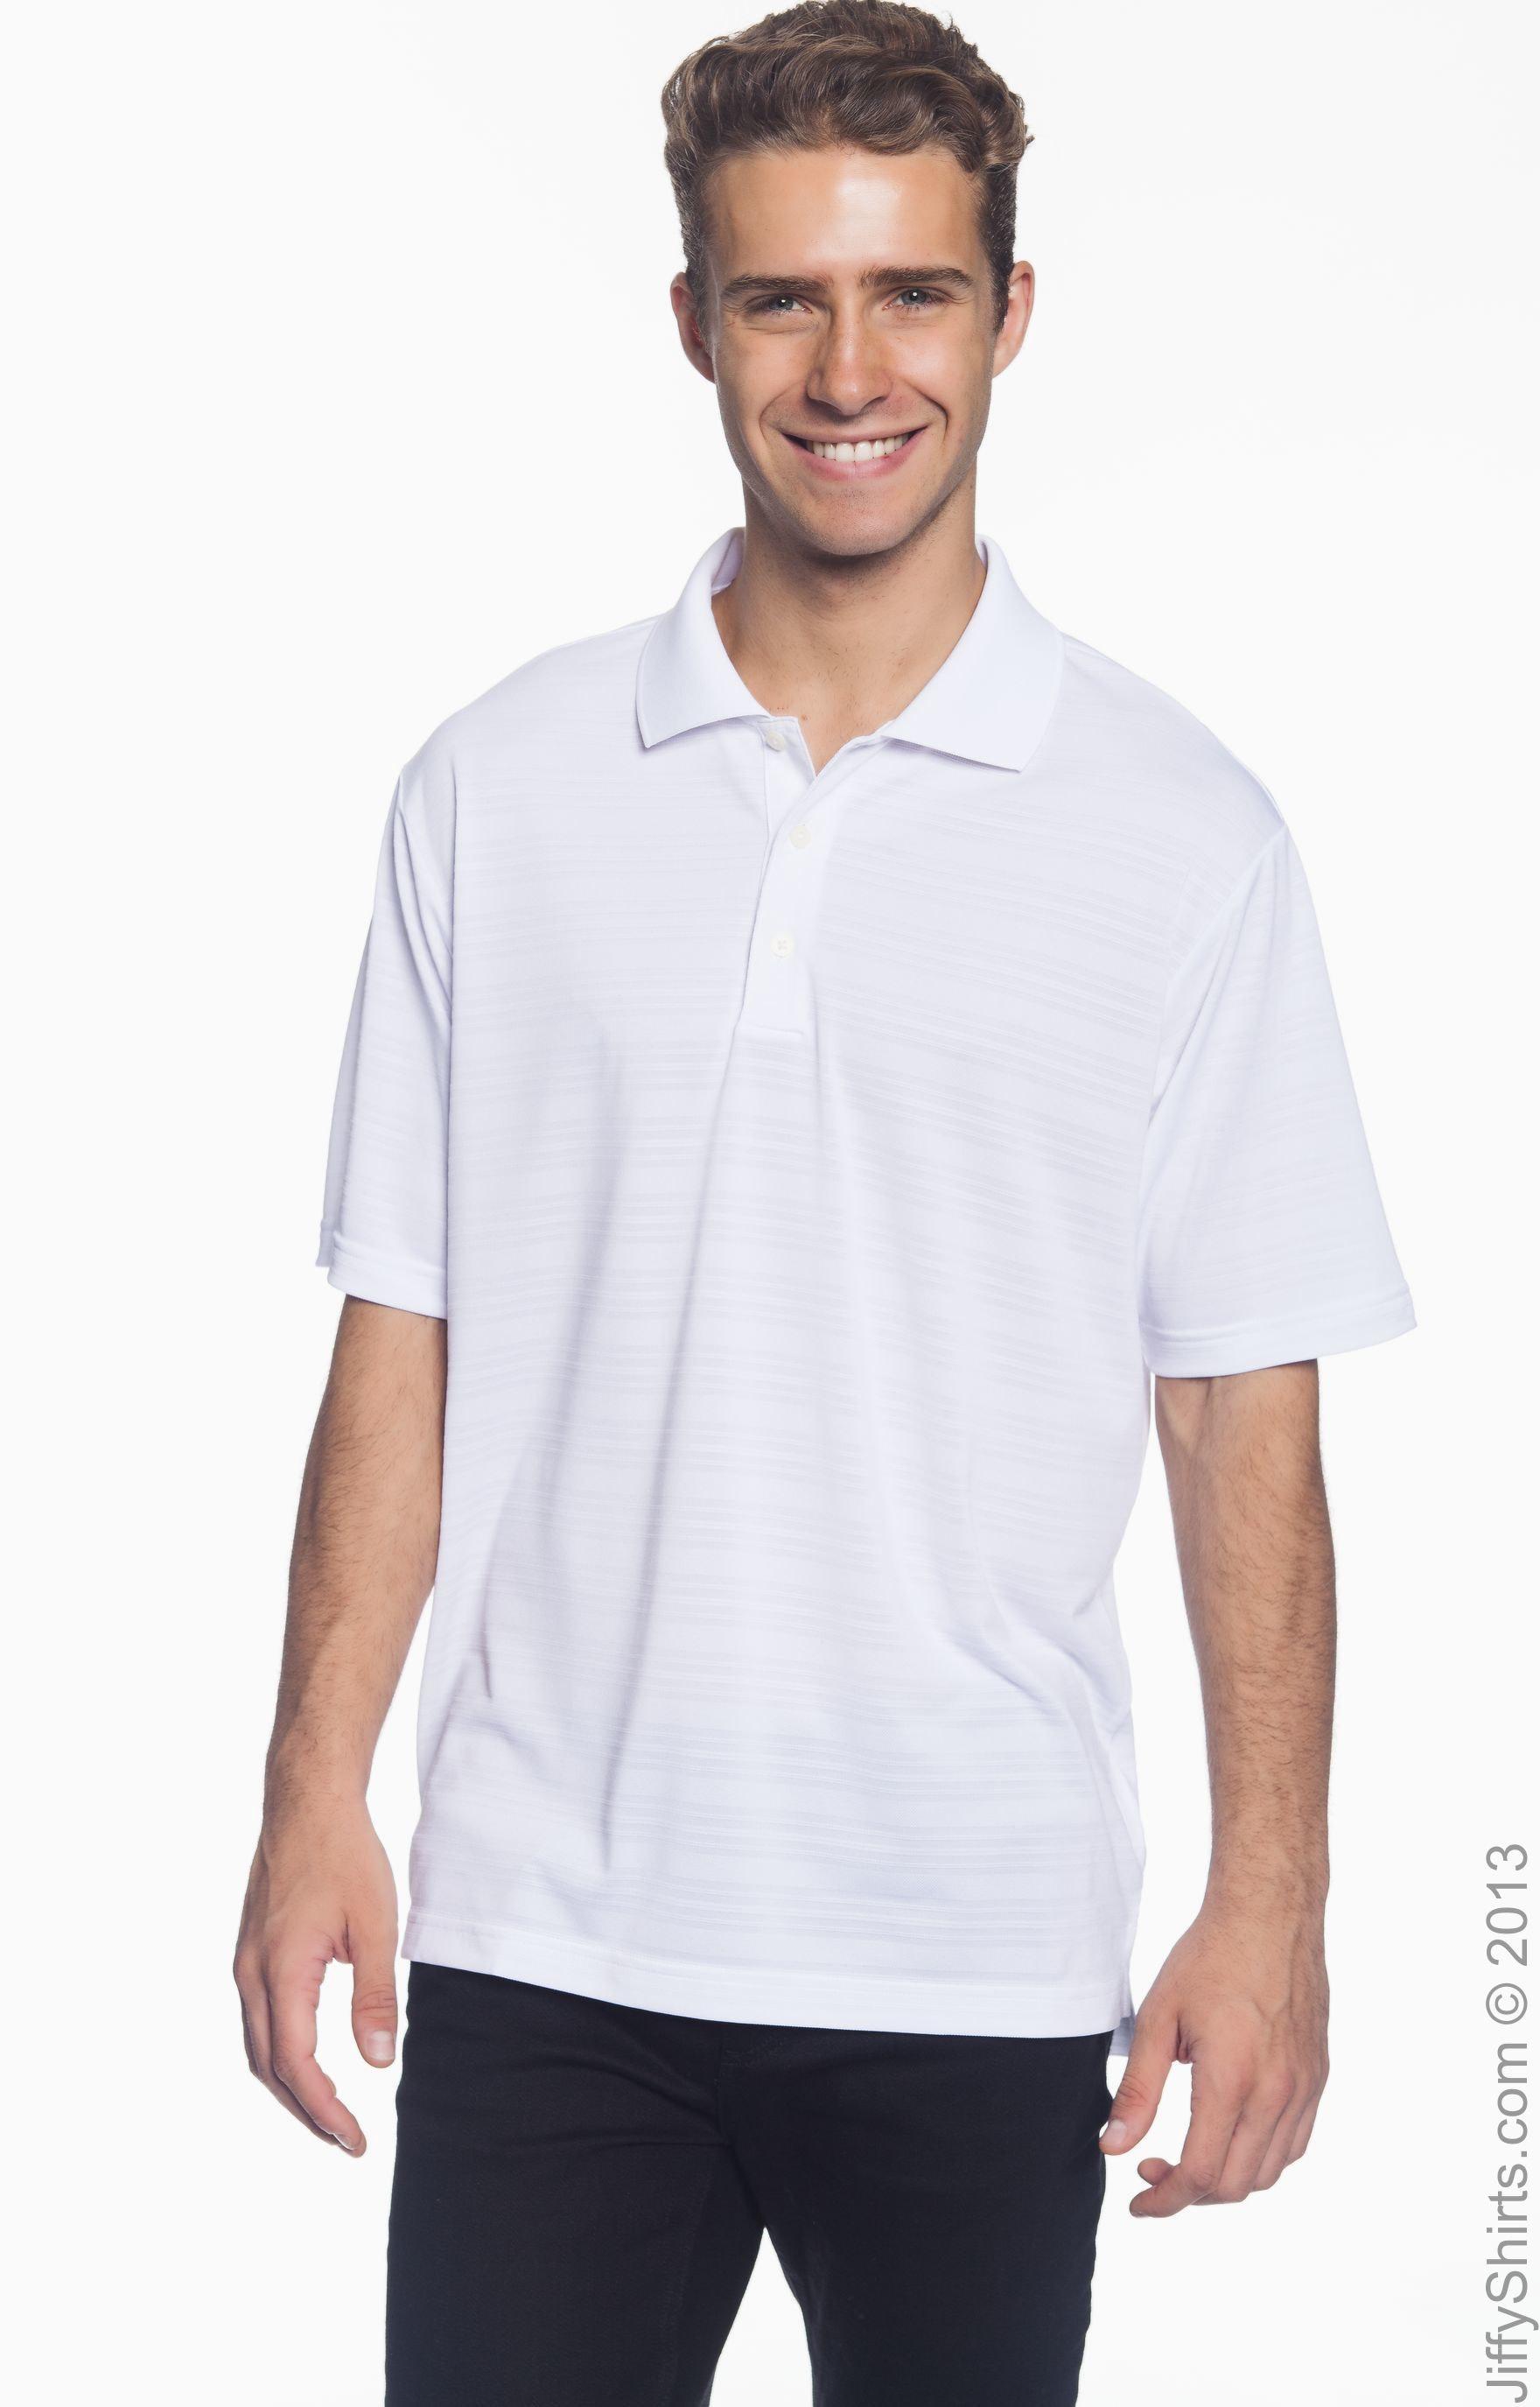 Adidas A161 White